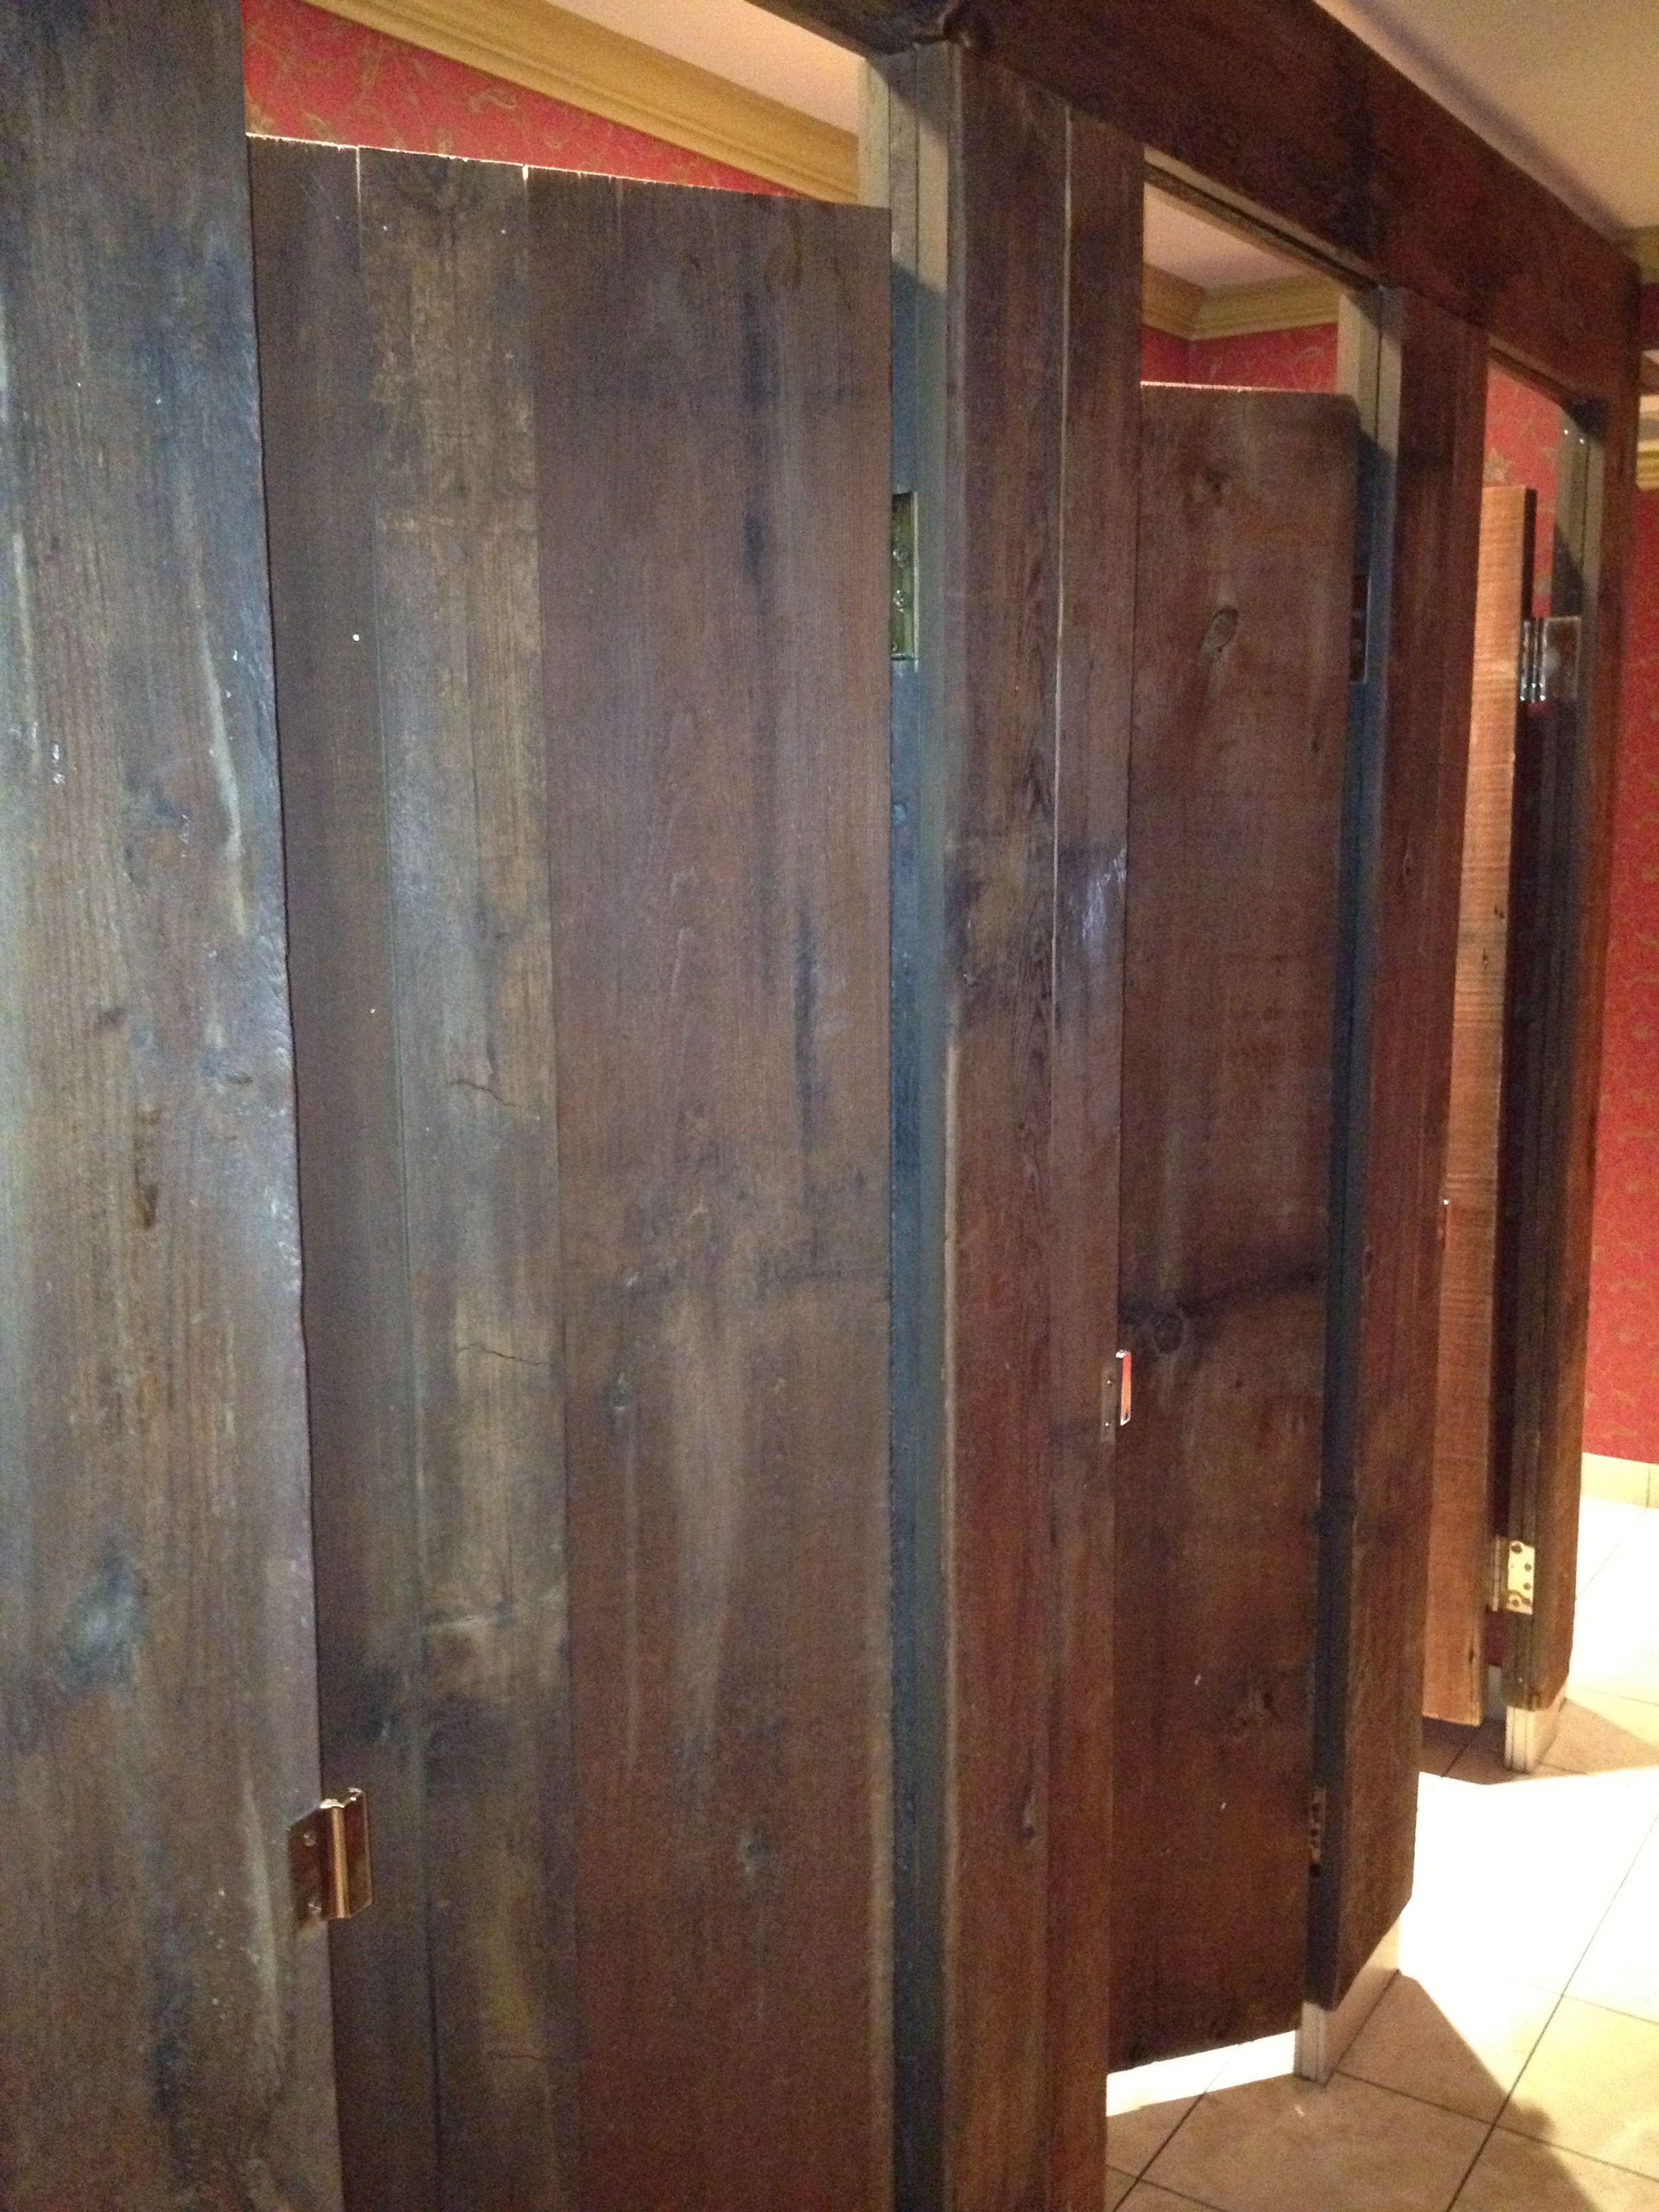 Bathroom Stall Encounters the bathroom stalls at kohler.   wood   pinterest   bathroom stall